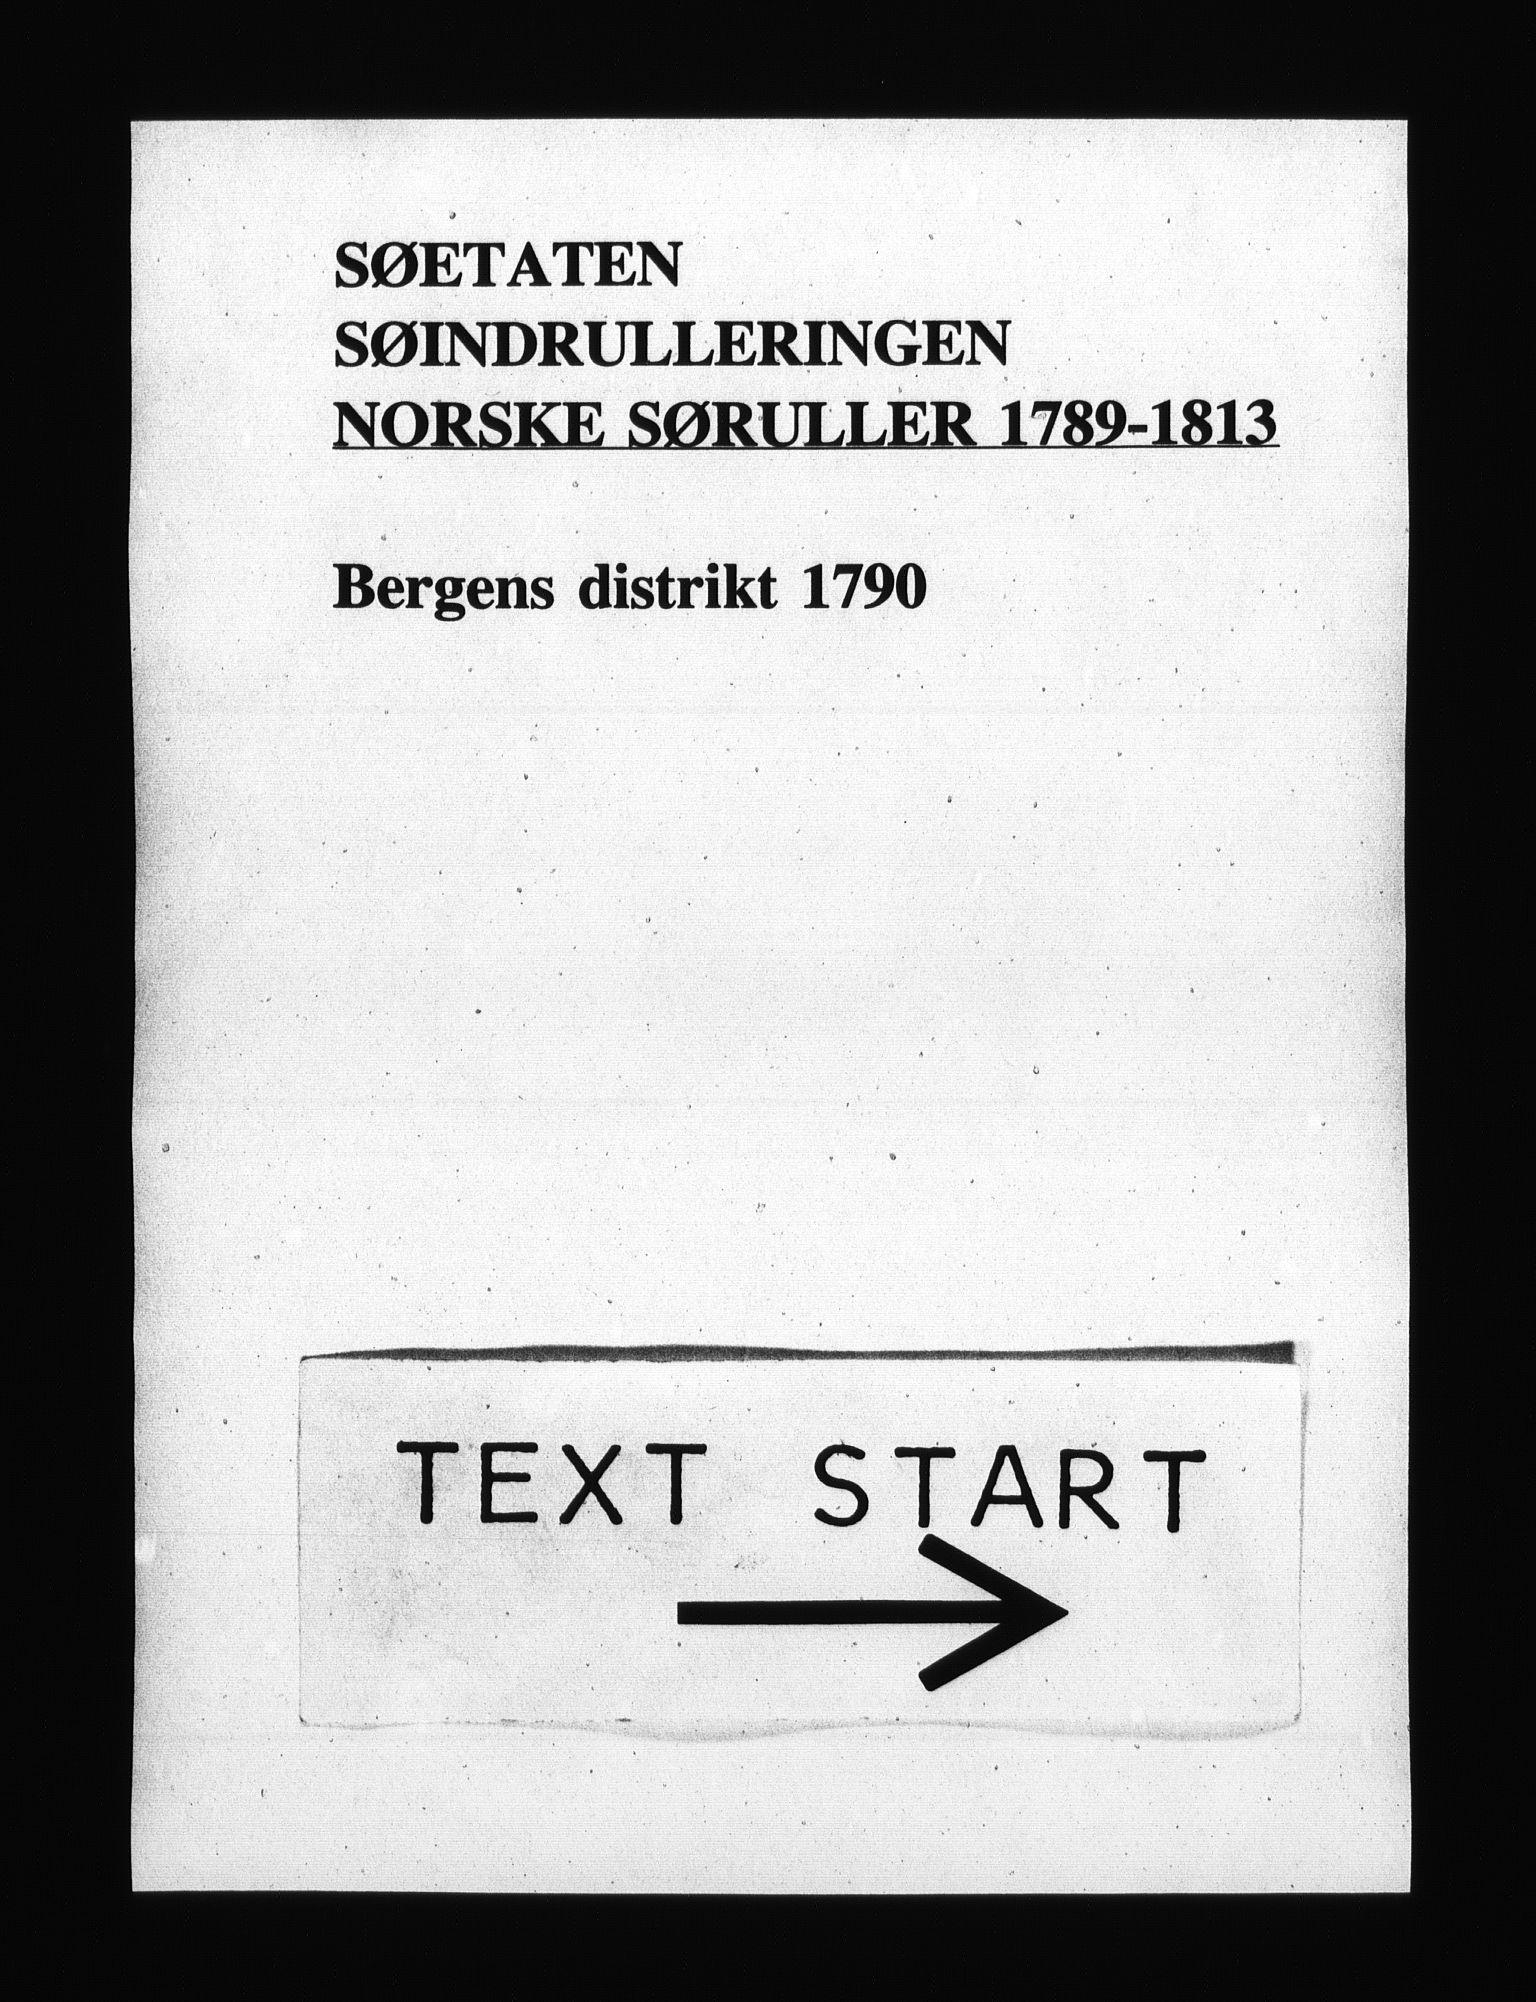 RA, Sjøetaten, F/L0216: Bergen distrikt, bind 1, 1790